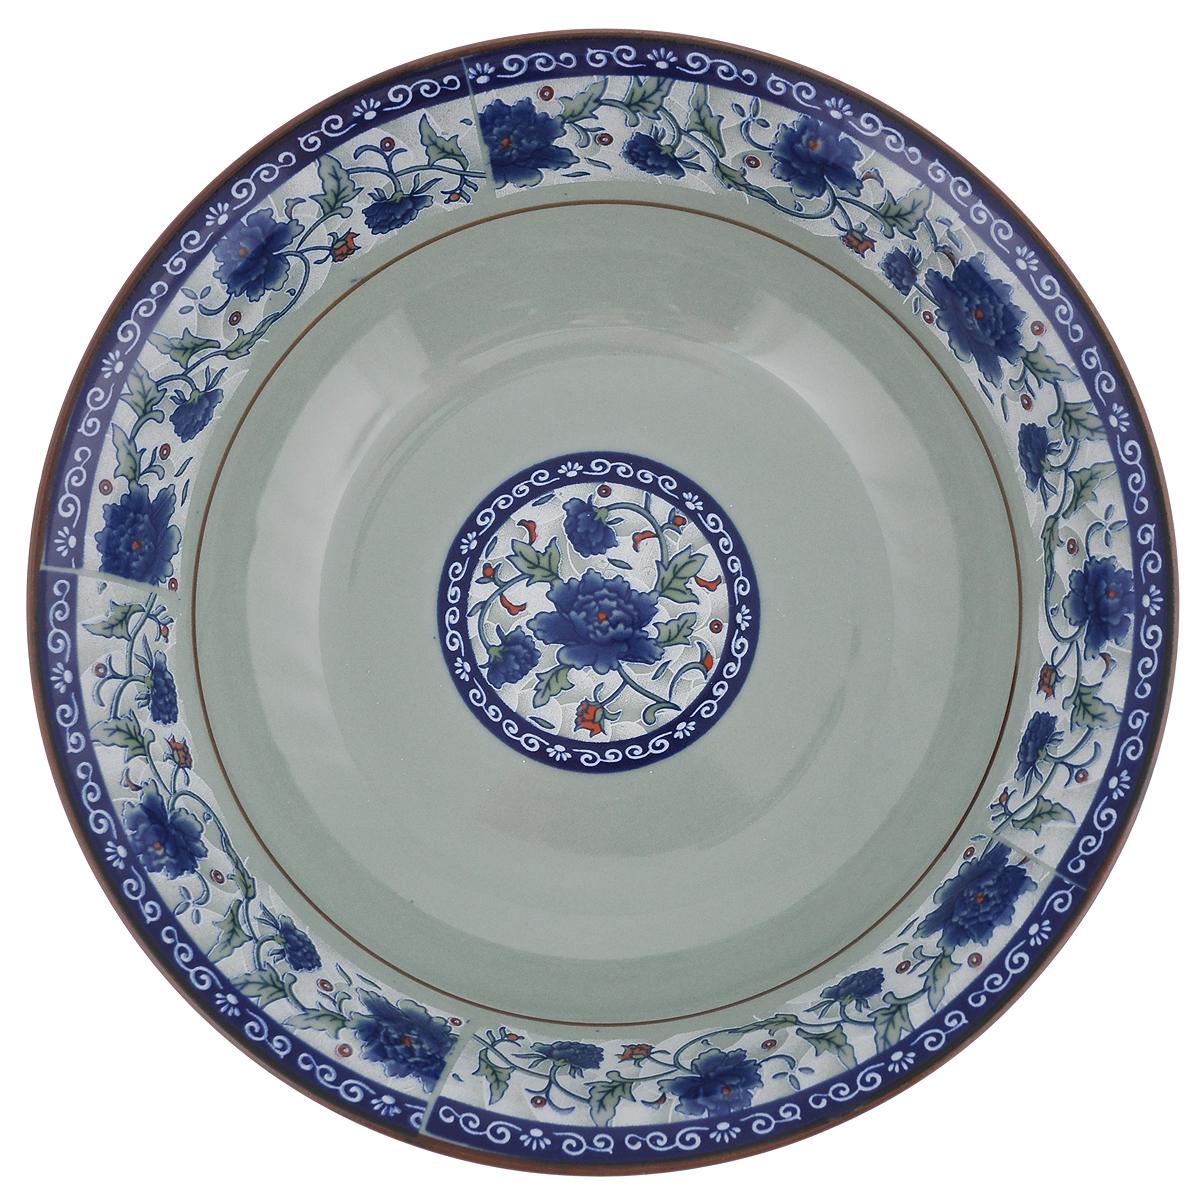 Салатница Nanshan Porcelain Харбин, цвет: зеленый, синий, диаметр 20 смGNNSHB009_рисунок внутриСалатница Nanshan Porcelain Харбин изготовлена из керамики. Посуда безопасна для здоровья и окружающей среды. Внутренние стенки оформлены изящным узором. Такая салатница прекрасно подходит для подачи холодных и горячих блюд: каш, хлопьев, супов, салатов. Она дополнит коллекцию вашей кухонной посуды и будет служить долгие годы. Можно использовать в посудомоечной машине и СВЧ. Диаметр салатницы (по верхнему краю): 20 см. Высота стенки салатницы: 5,5 см.